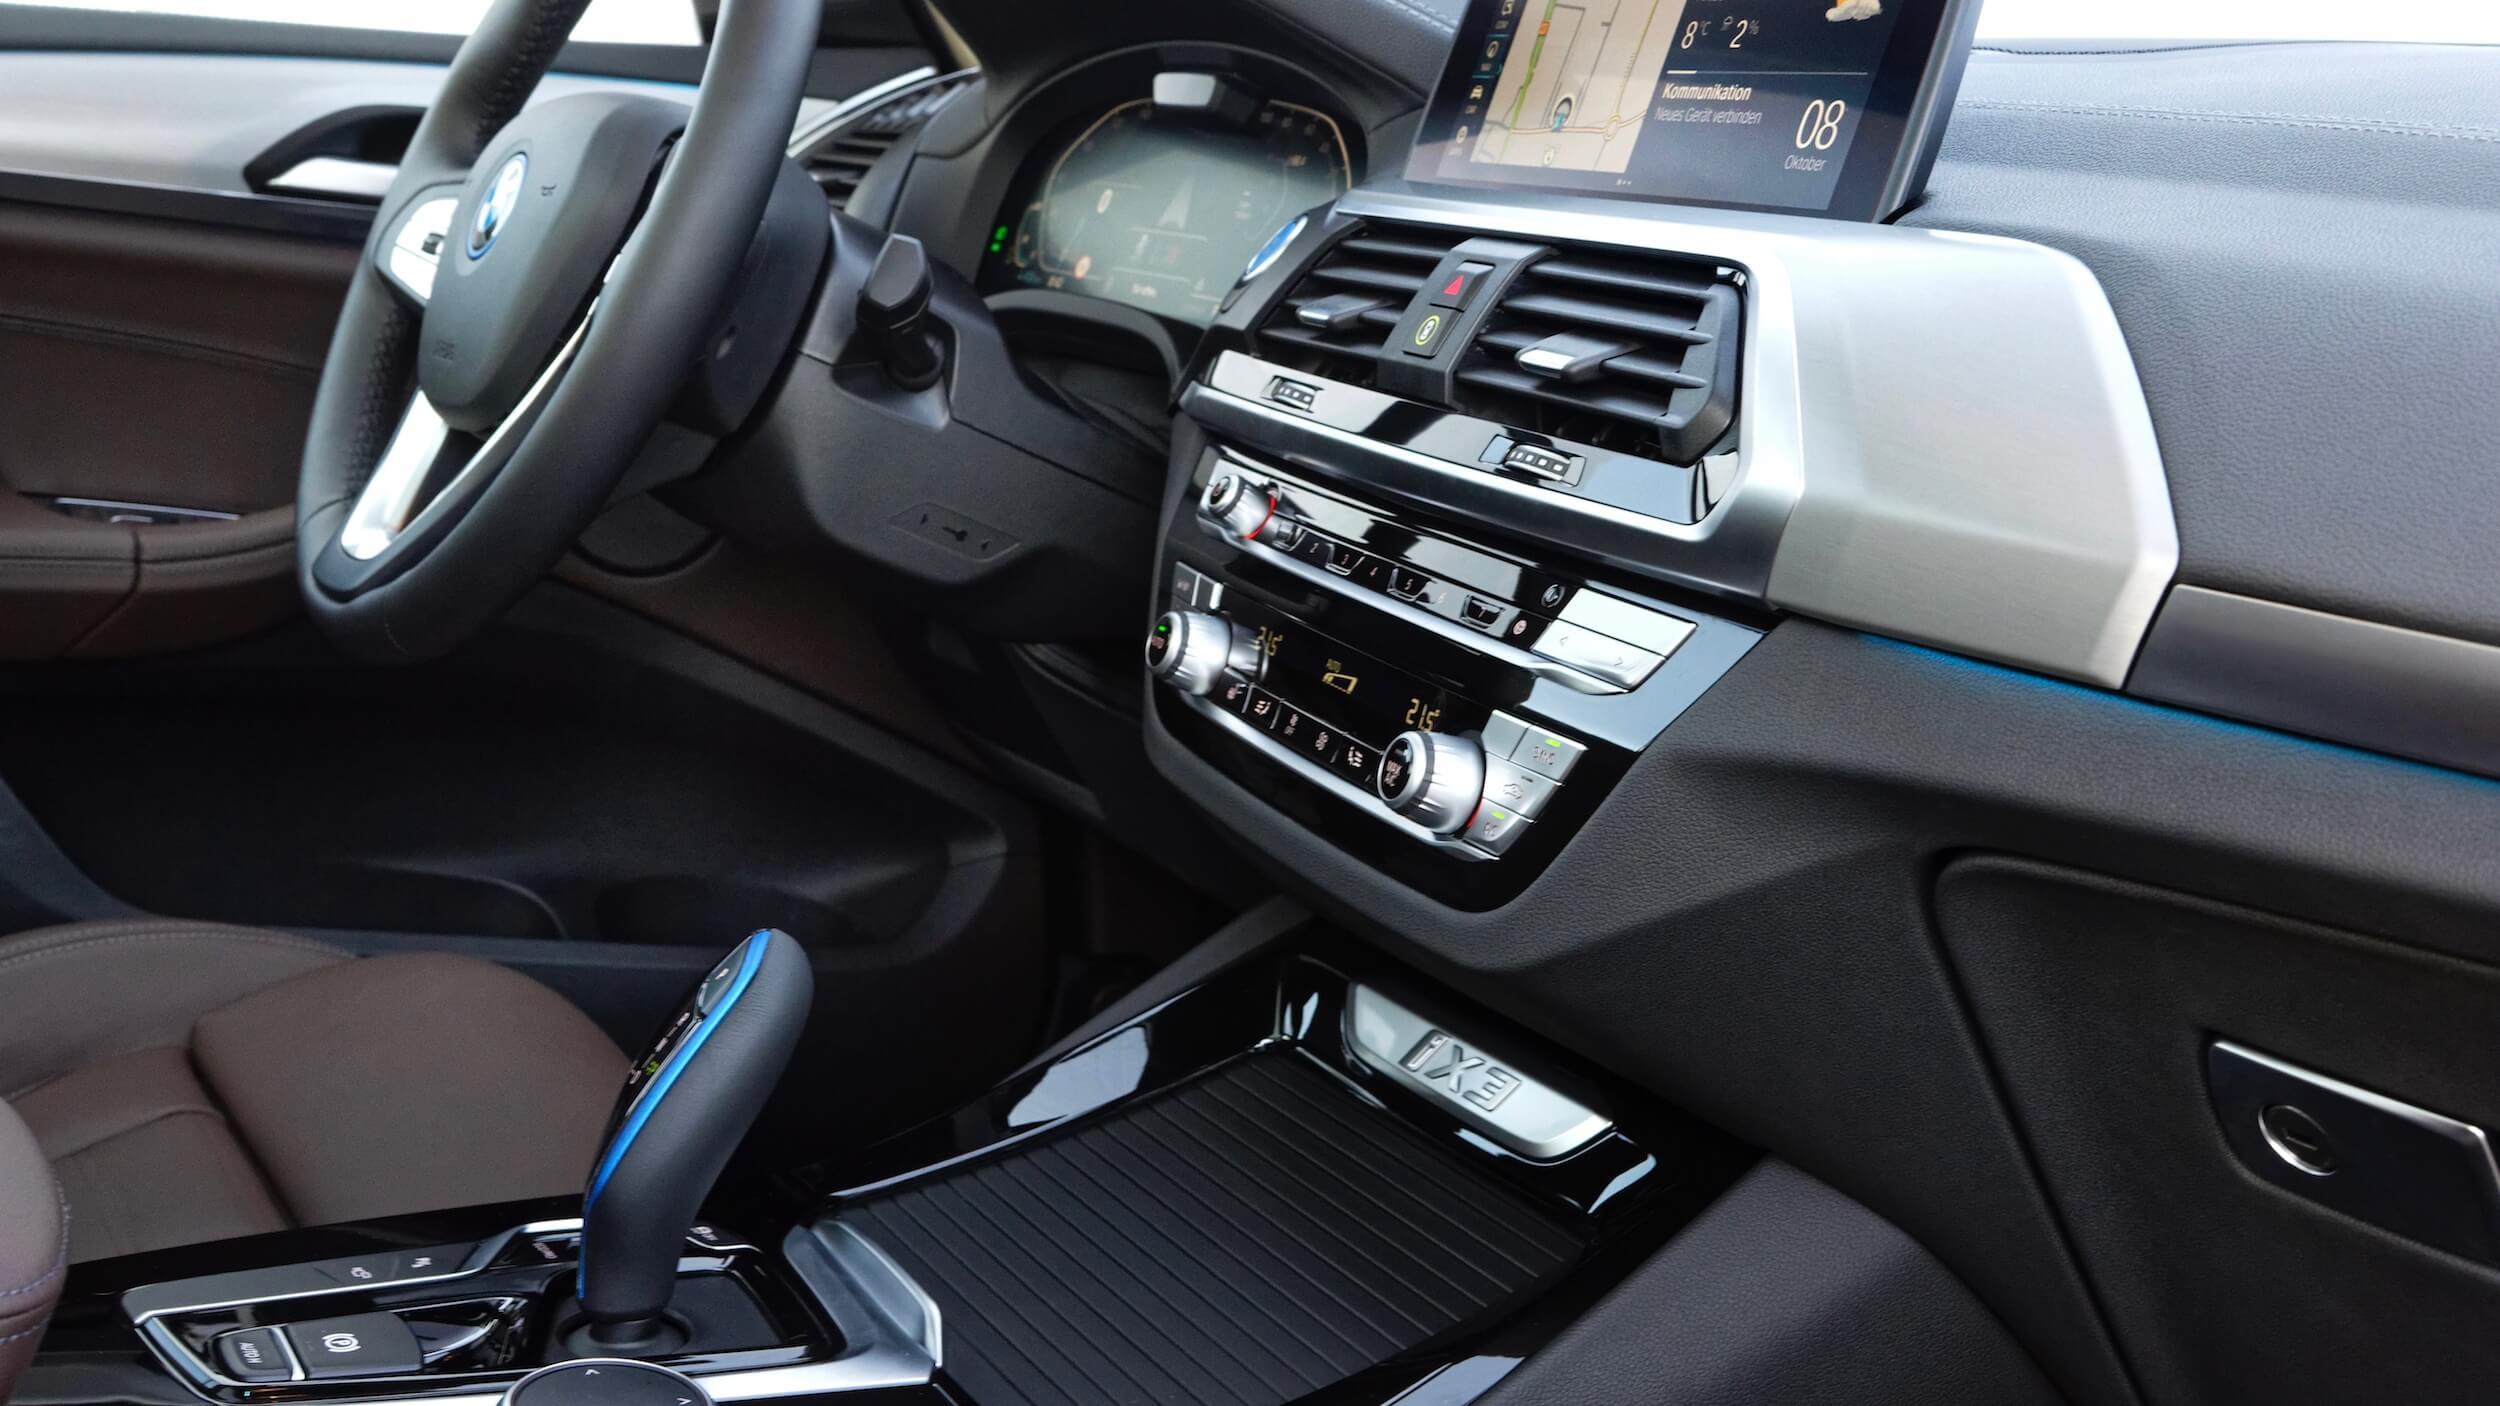 BMW iX3 dashboard